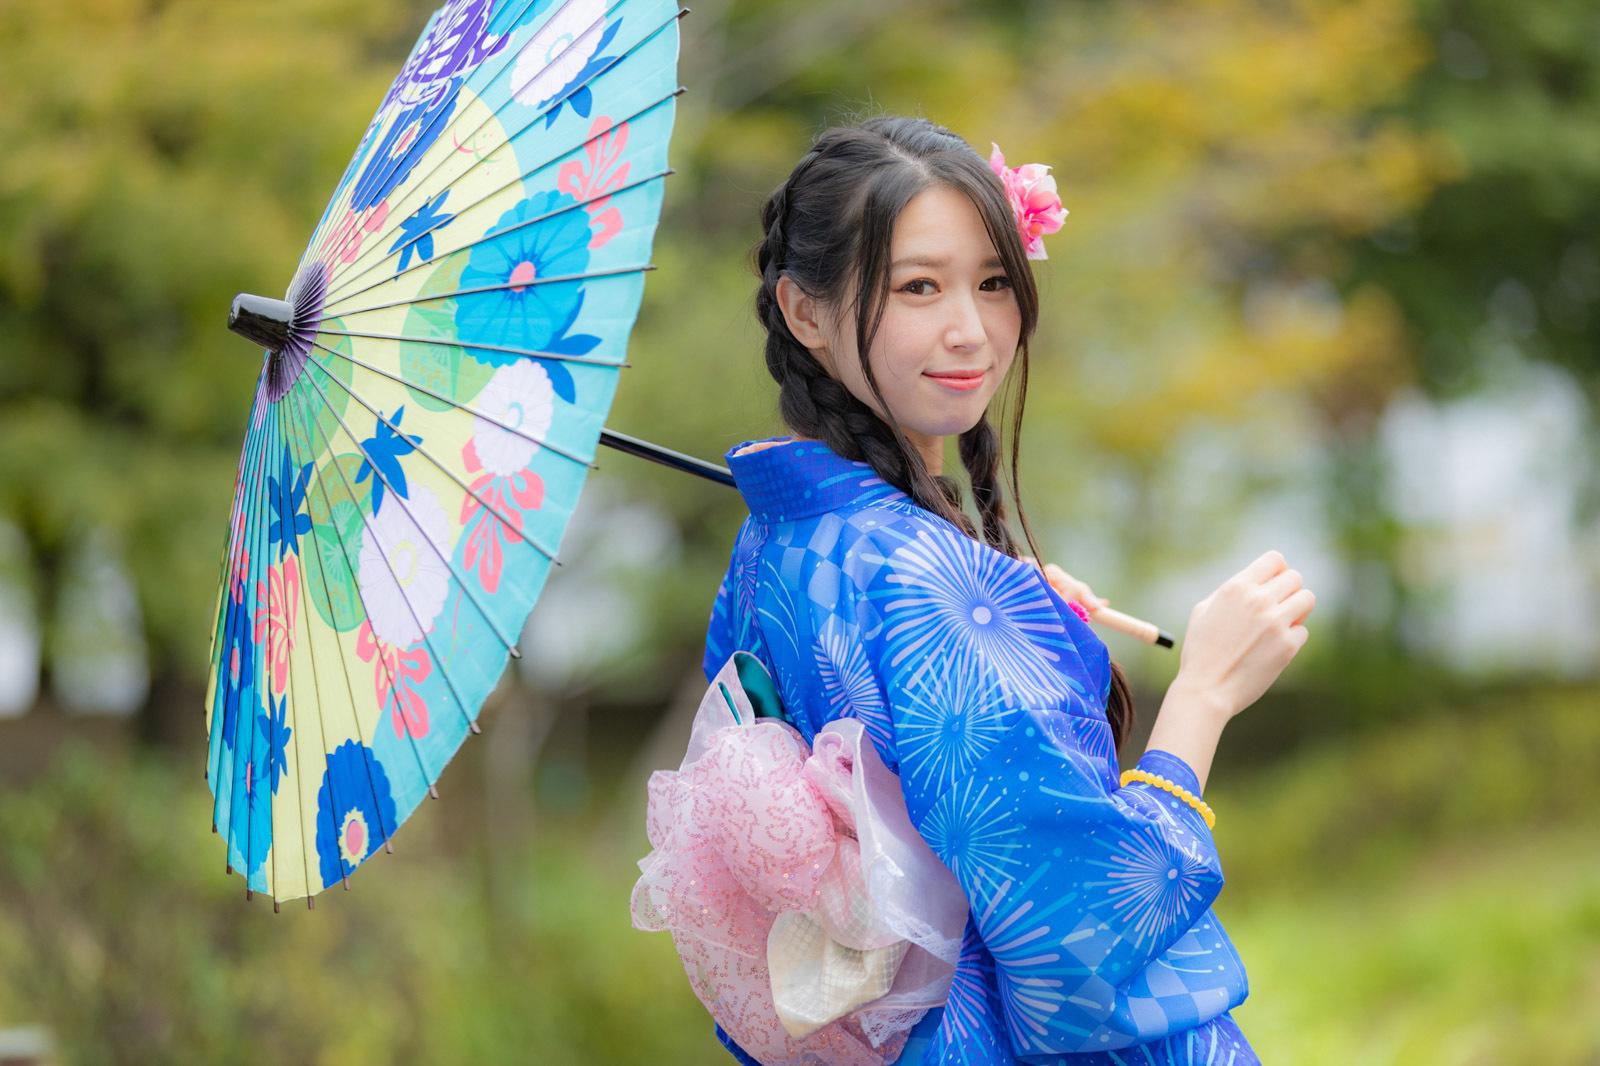 ミクサポ撮影会東京フォトコン開始と結果発表_e0379343_18100799.jpg